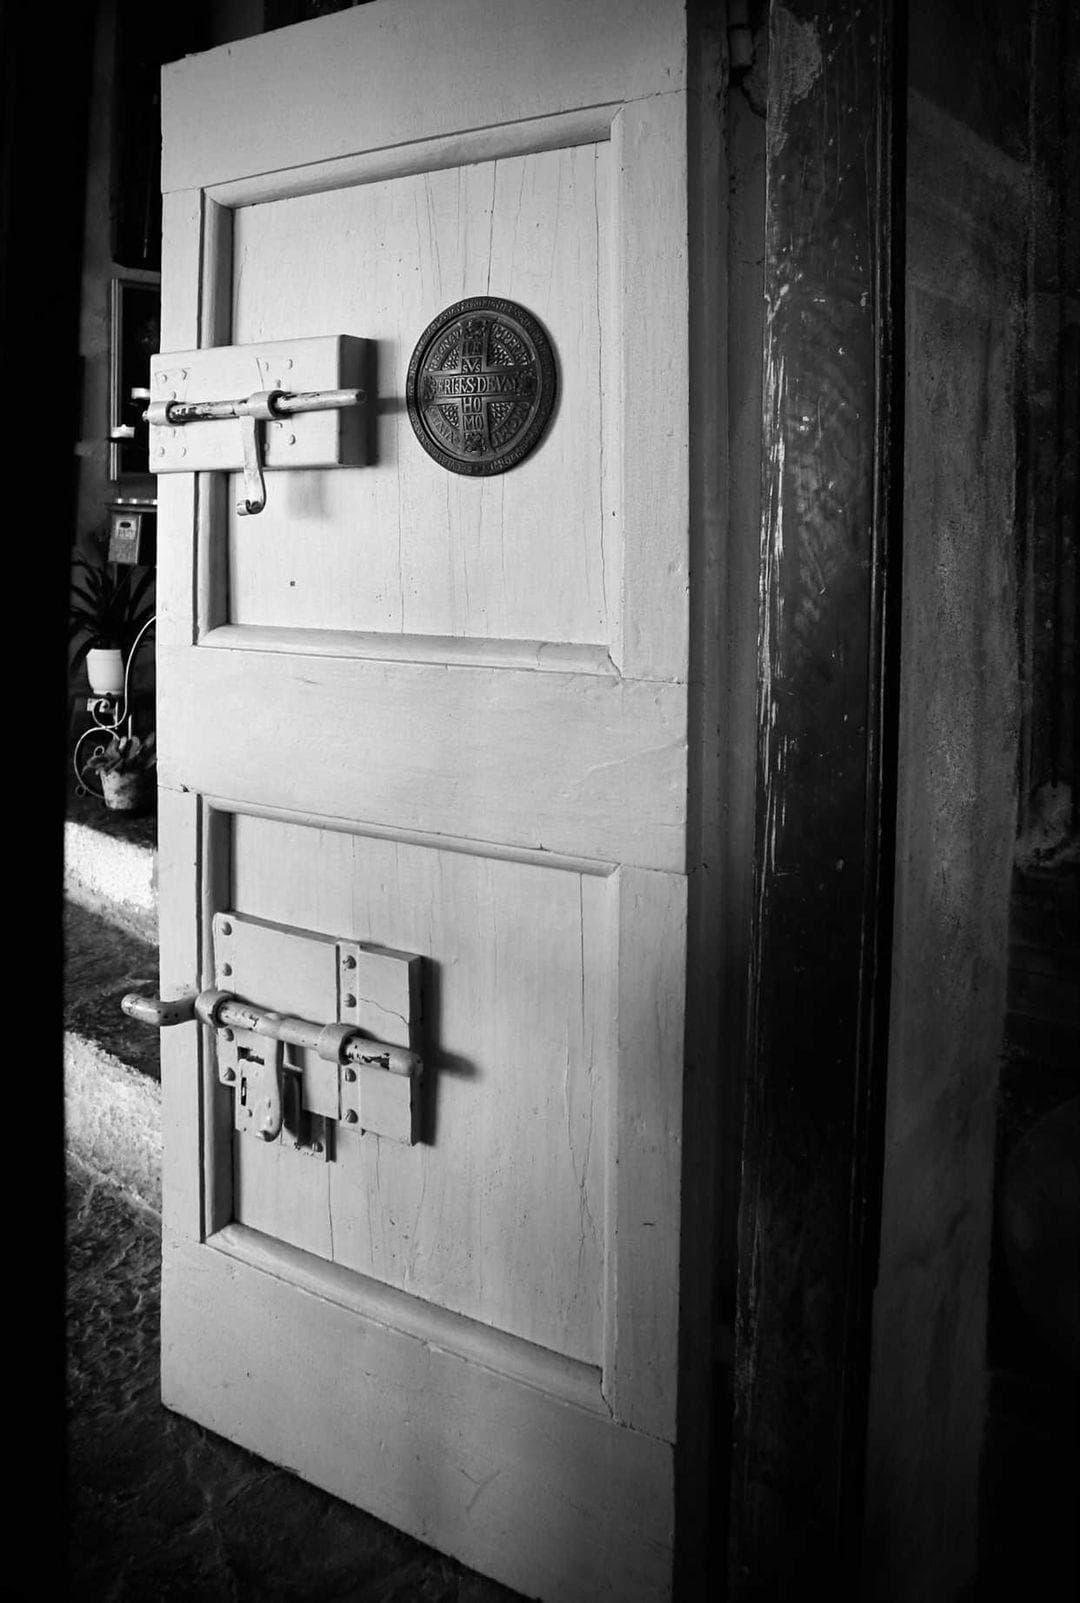 Dietro la porta di una stanza segreta.